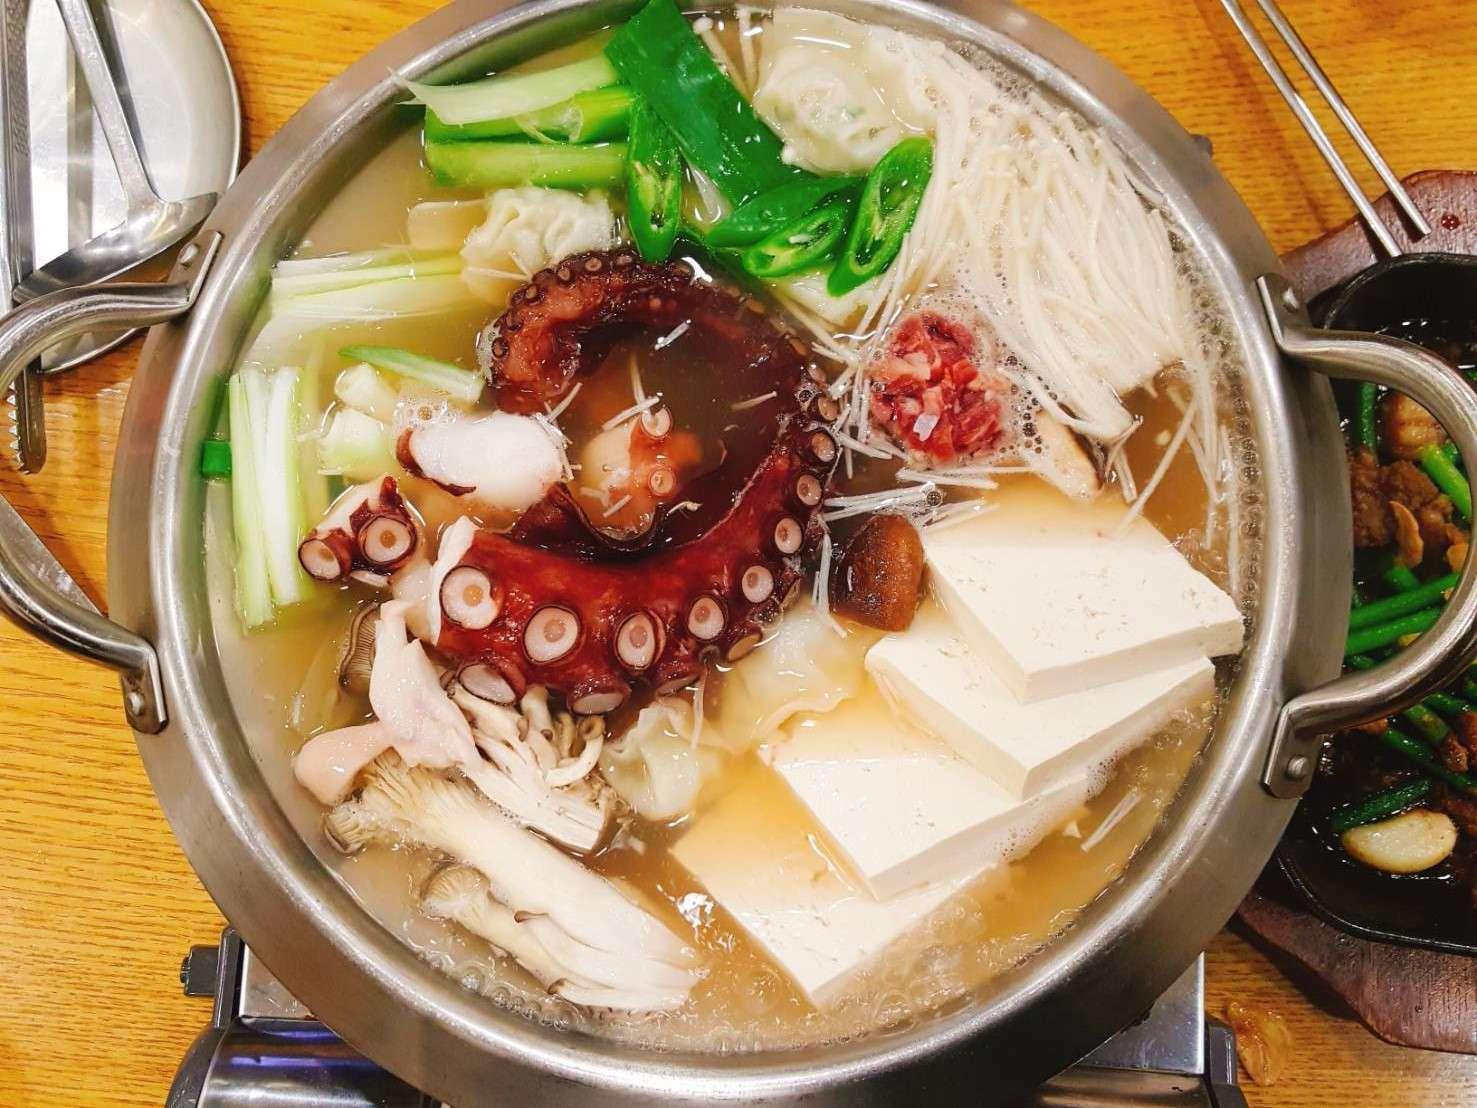 在介紹主角湯飯之前,我們一進門就看到每桌客人桌上一定都會有一個鍋物,參考了韓國網友介紹,我們也點了一個海鮮章魚鍋,看看那個章魚腳,好驚人ㄟ!!!